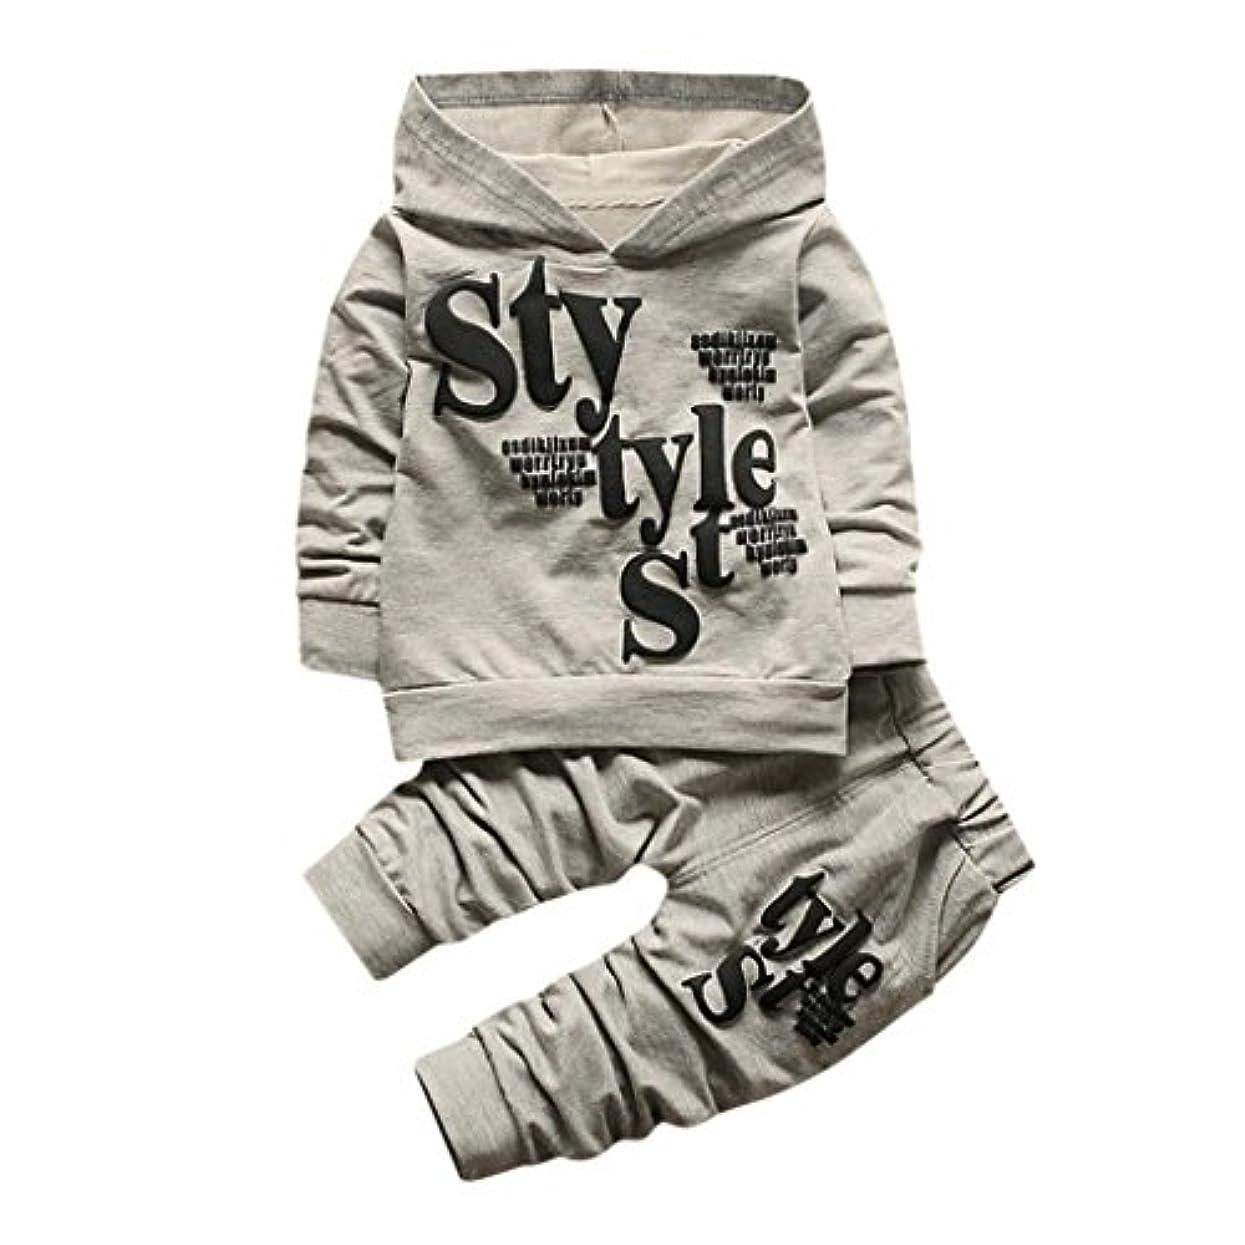 代表するボタンにおいパーカー+ズボン Tシャツ スウェット 子供服 赤ちゃん服 上着+パンツ2点セット かっこいい ベビー服 ロンパース カバーオール 男の子 女の子 ファッション